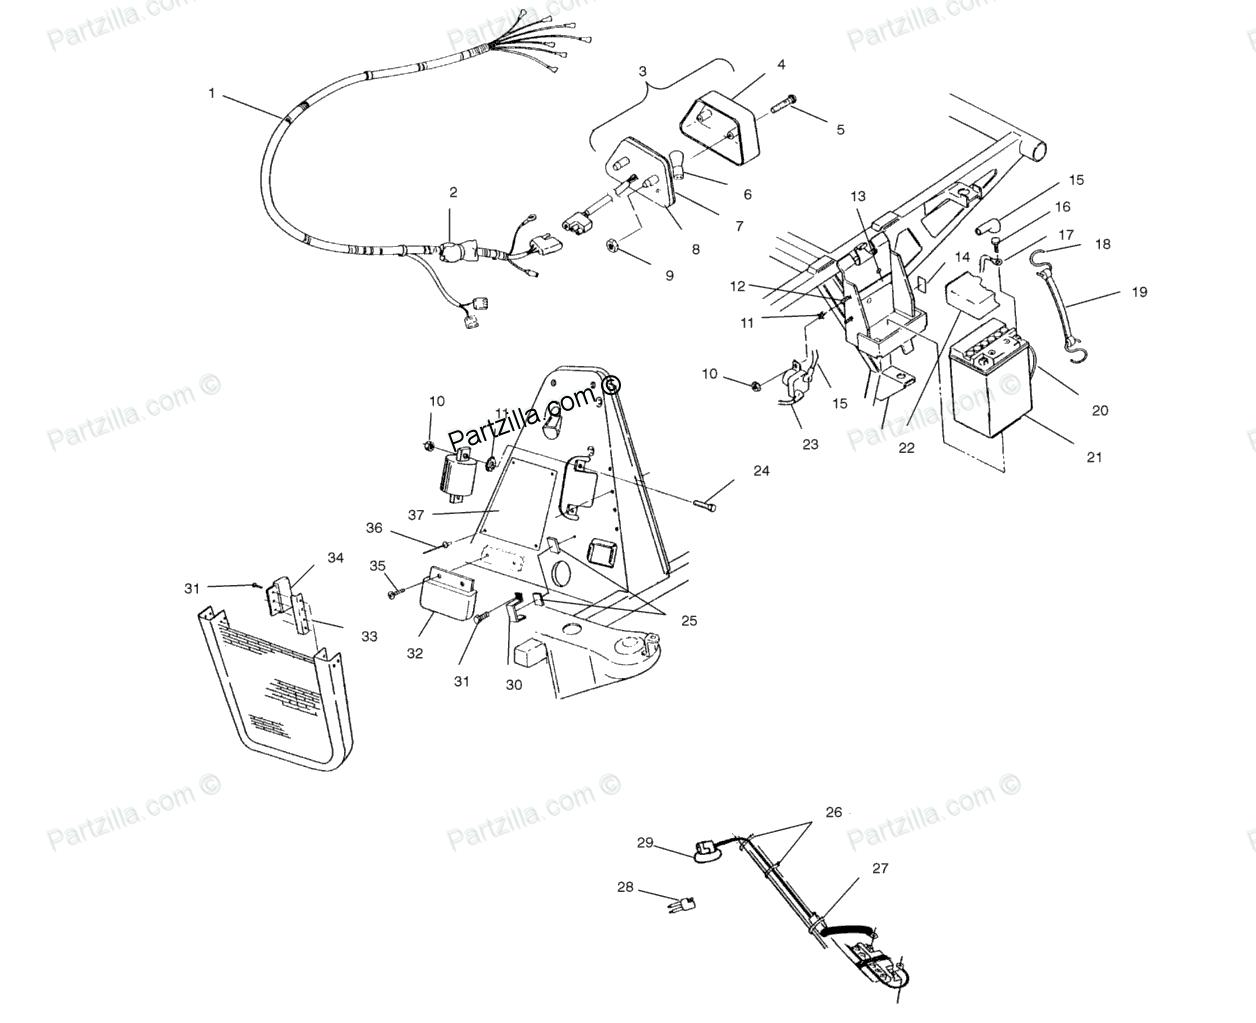 Polaris Magnum 425 Wiring Diagram